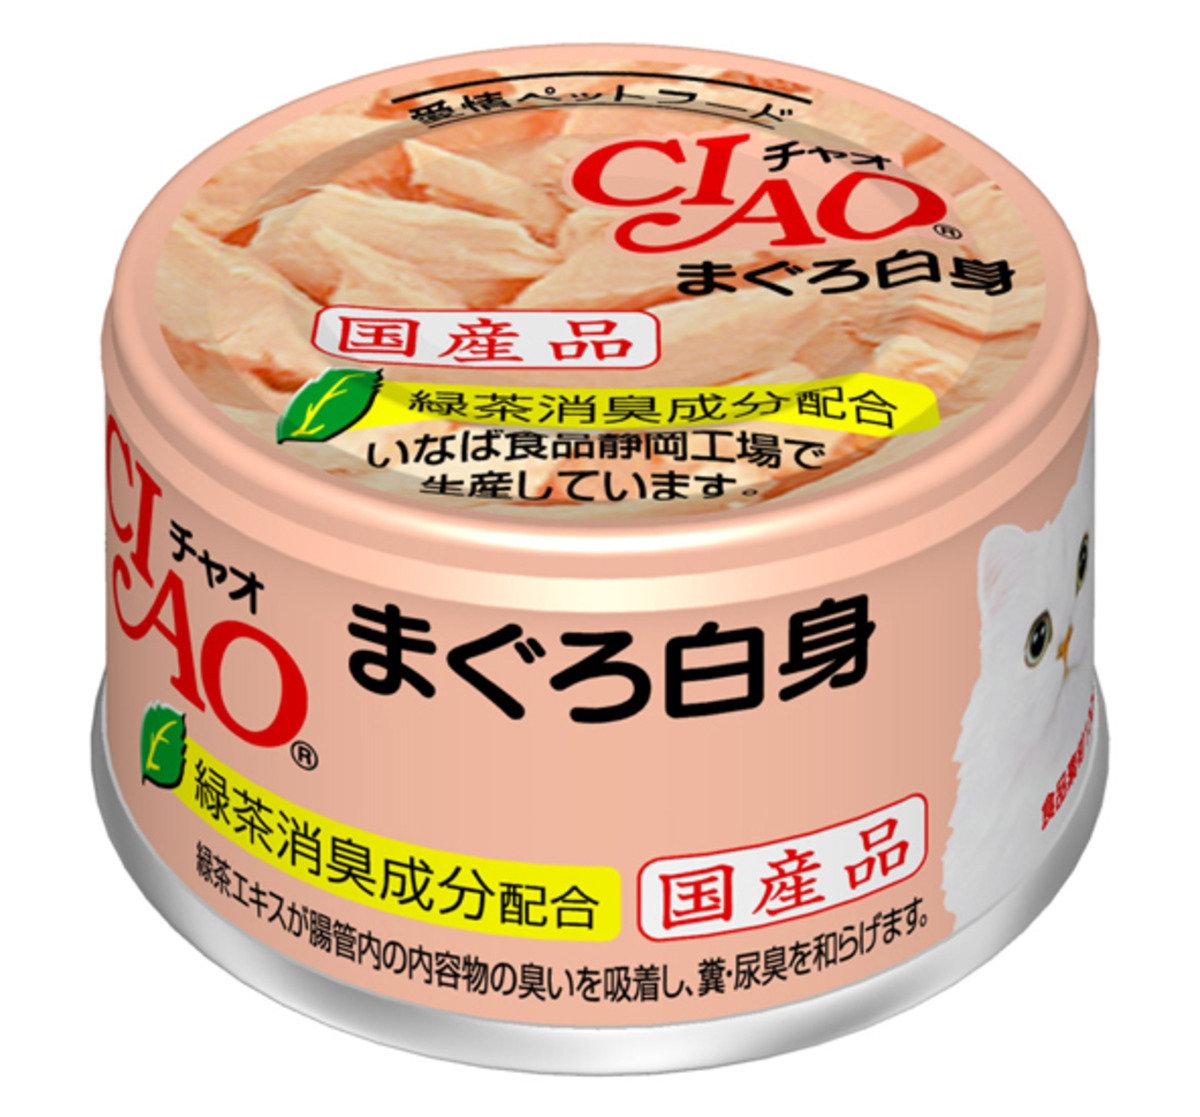 白身魚(吞拿魚+鰹魚+雞肉)